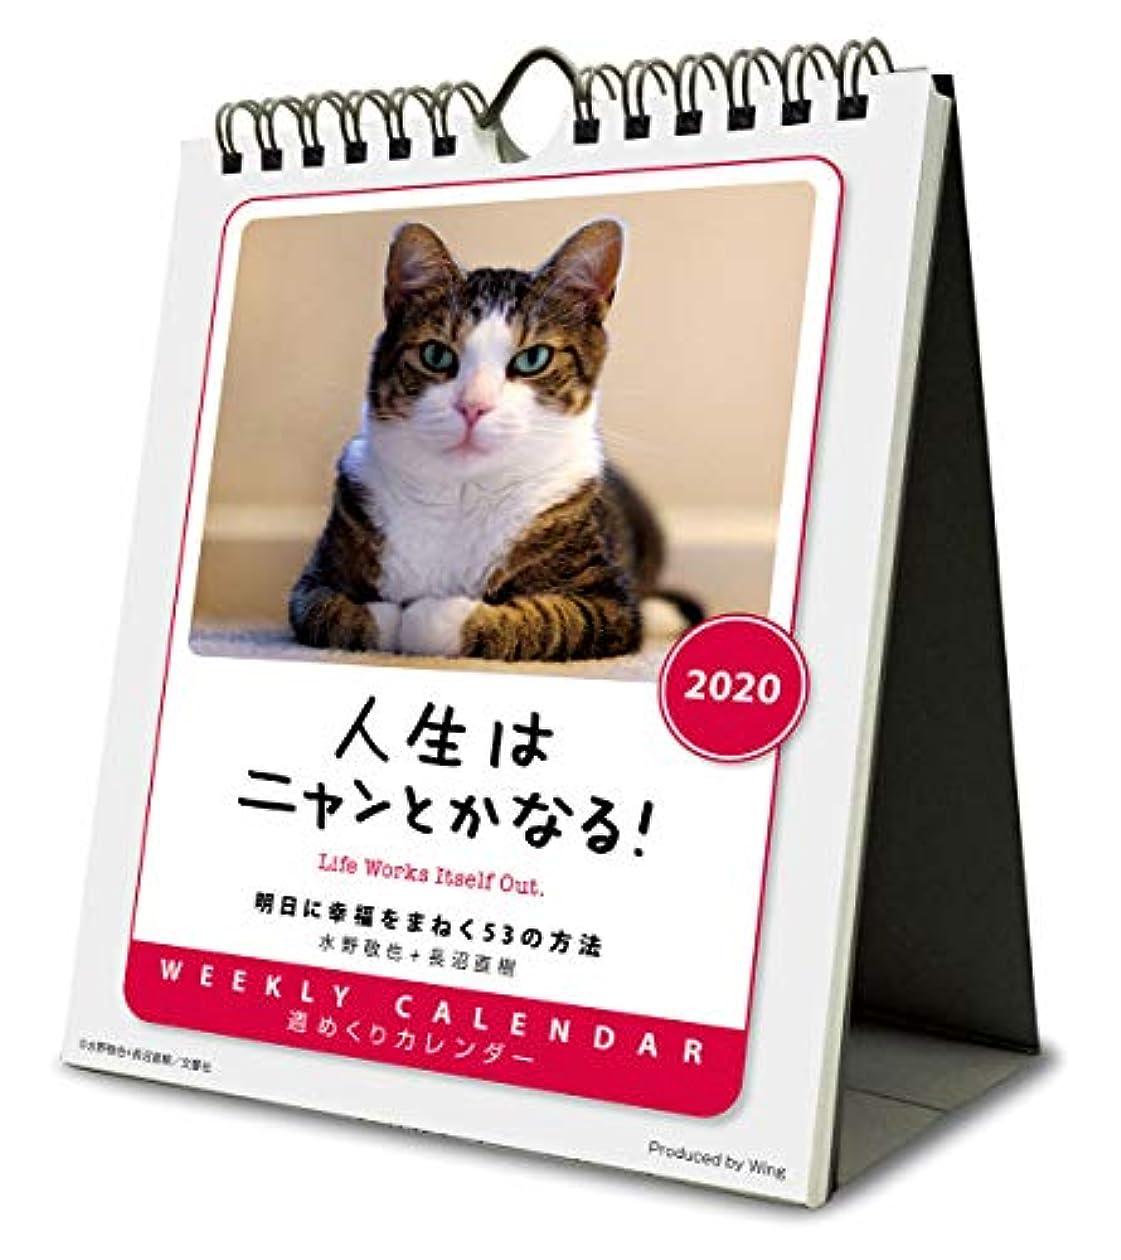 シャットおもしろい晩餐ウイング 人生はニャンとかなる! 2020年 カレンダー CL-400 卓上 猫